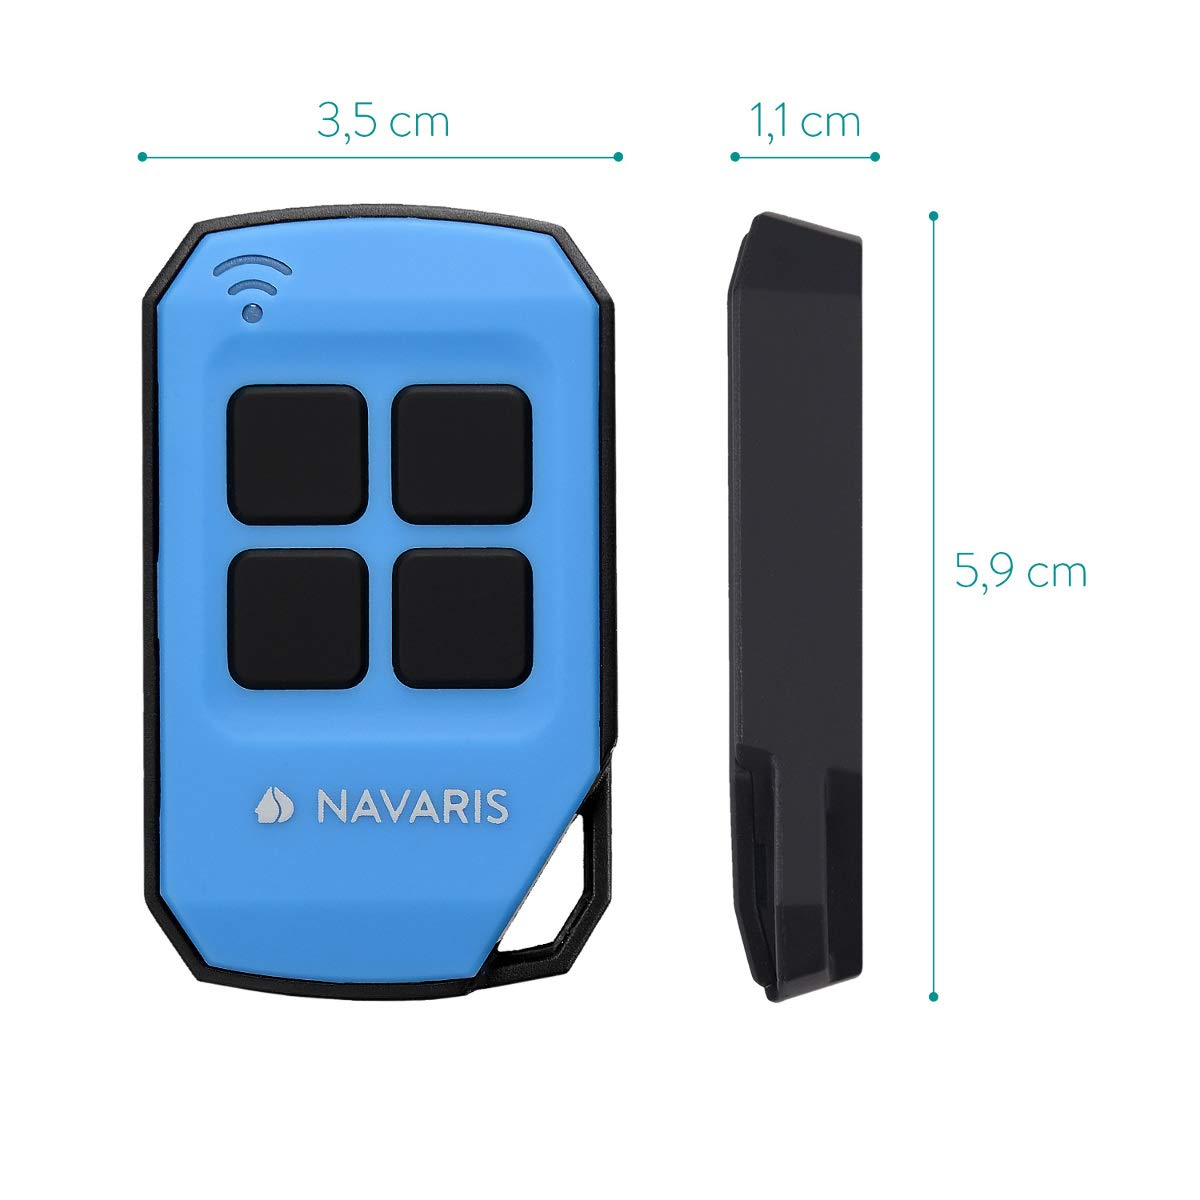 Transmisor en negro Mando a distancia inal/ámbrico para puerta de garaje Navaris control remoto de 433 MHz Duplicador de c/ódigos universal